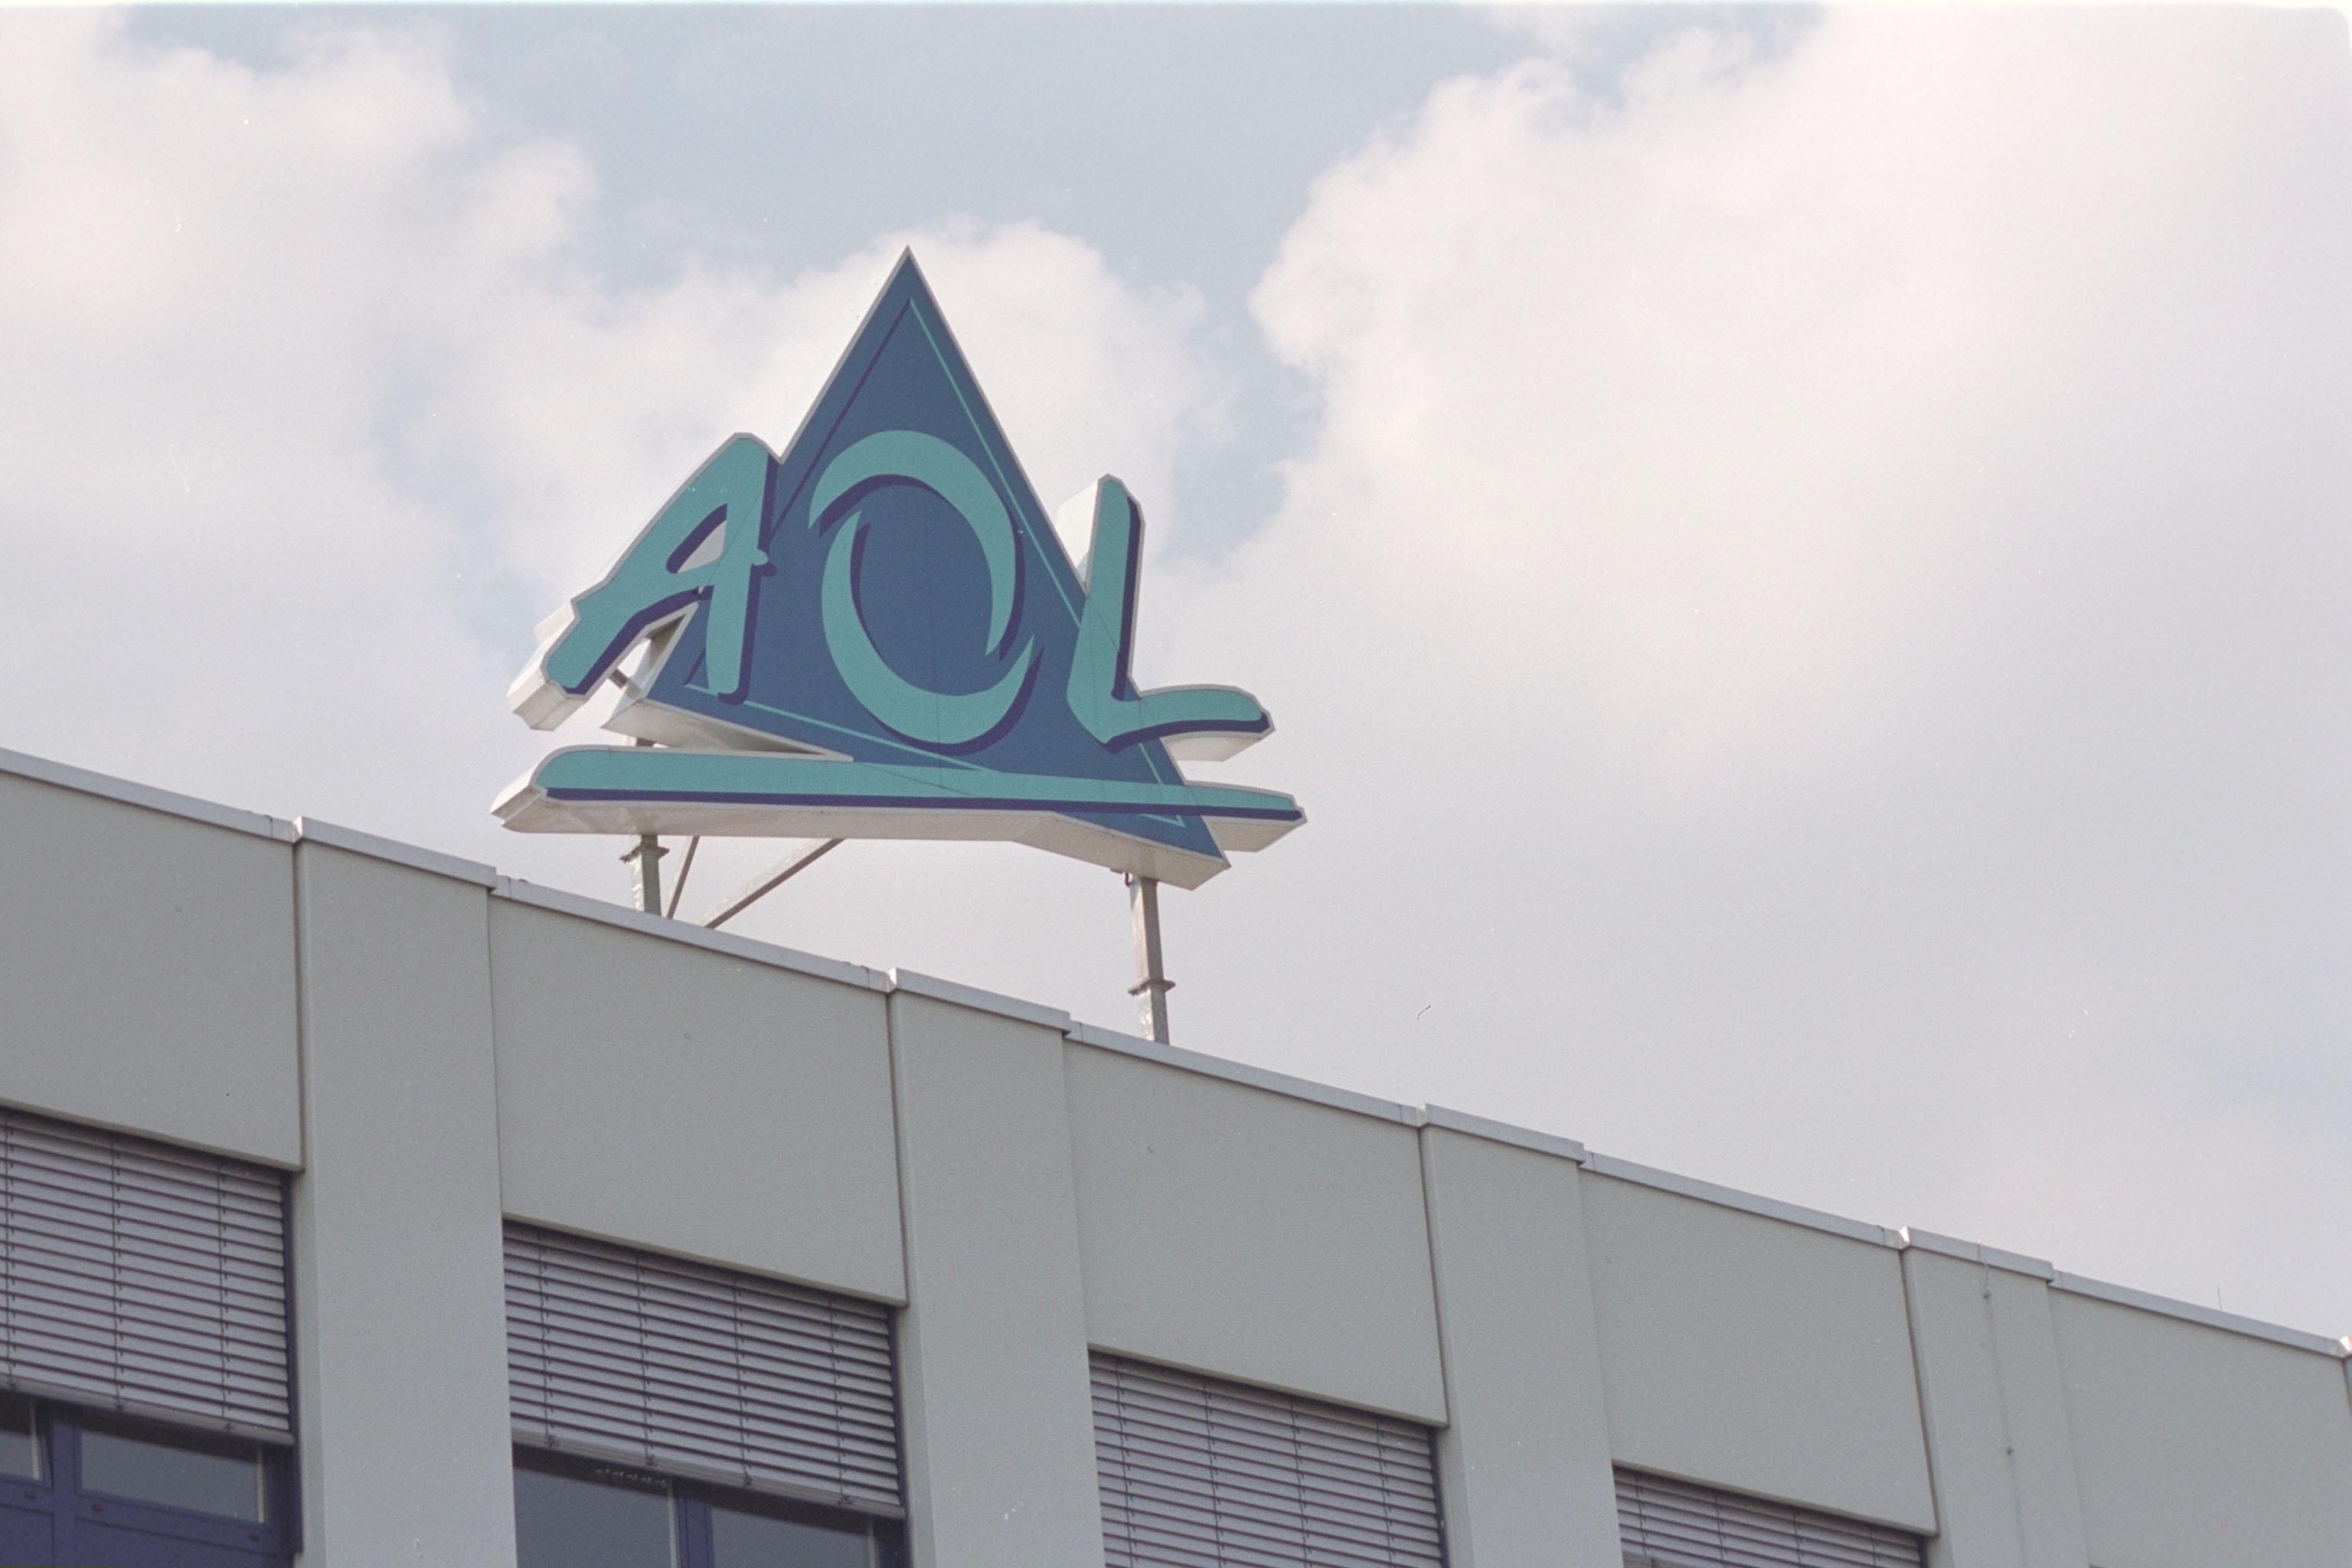 AOL / Logo